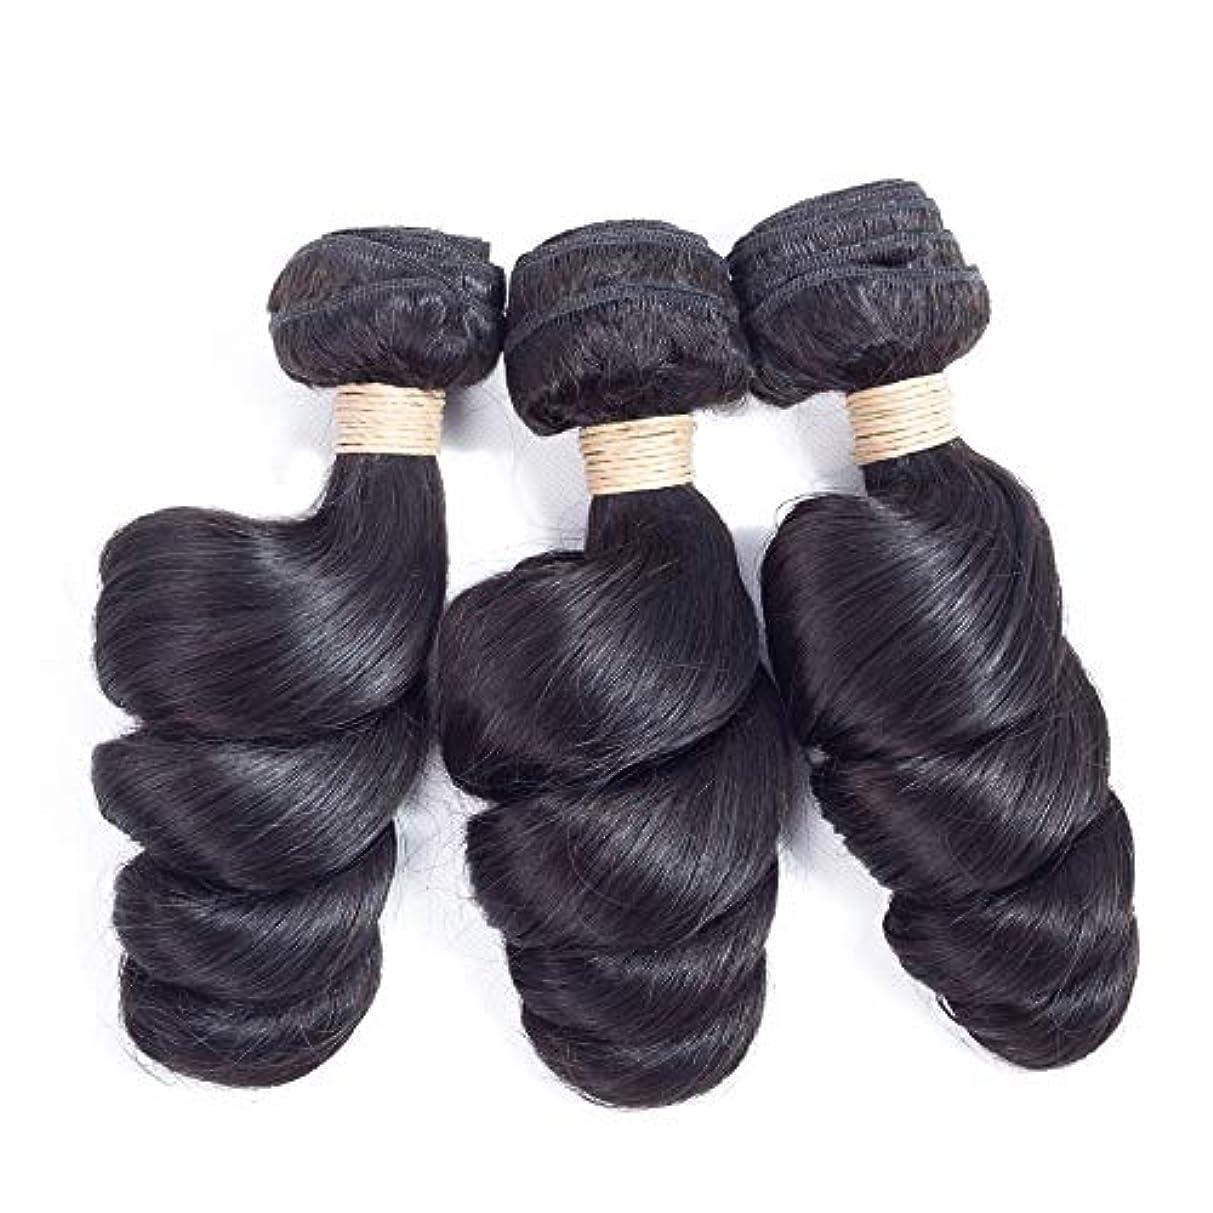 キャプテンブライスキーシールドMayalina ブラジルのバージンルースウェーブヘアバンドル100%未処理の人間の髪の毛#1Bナチュラルブラックカラー(1バンドル、100g)女性用合成かつらレースかつらロールプレイングウィッグ (色 : 黒, サイズ...